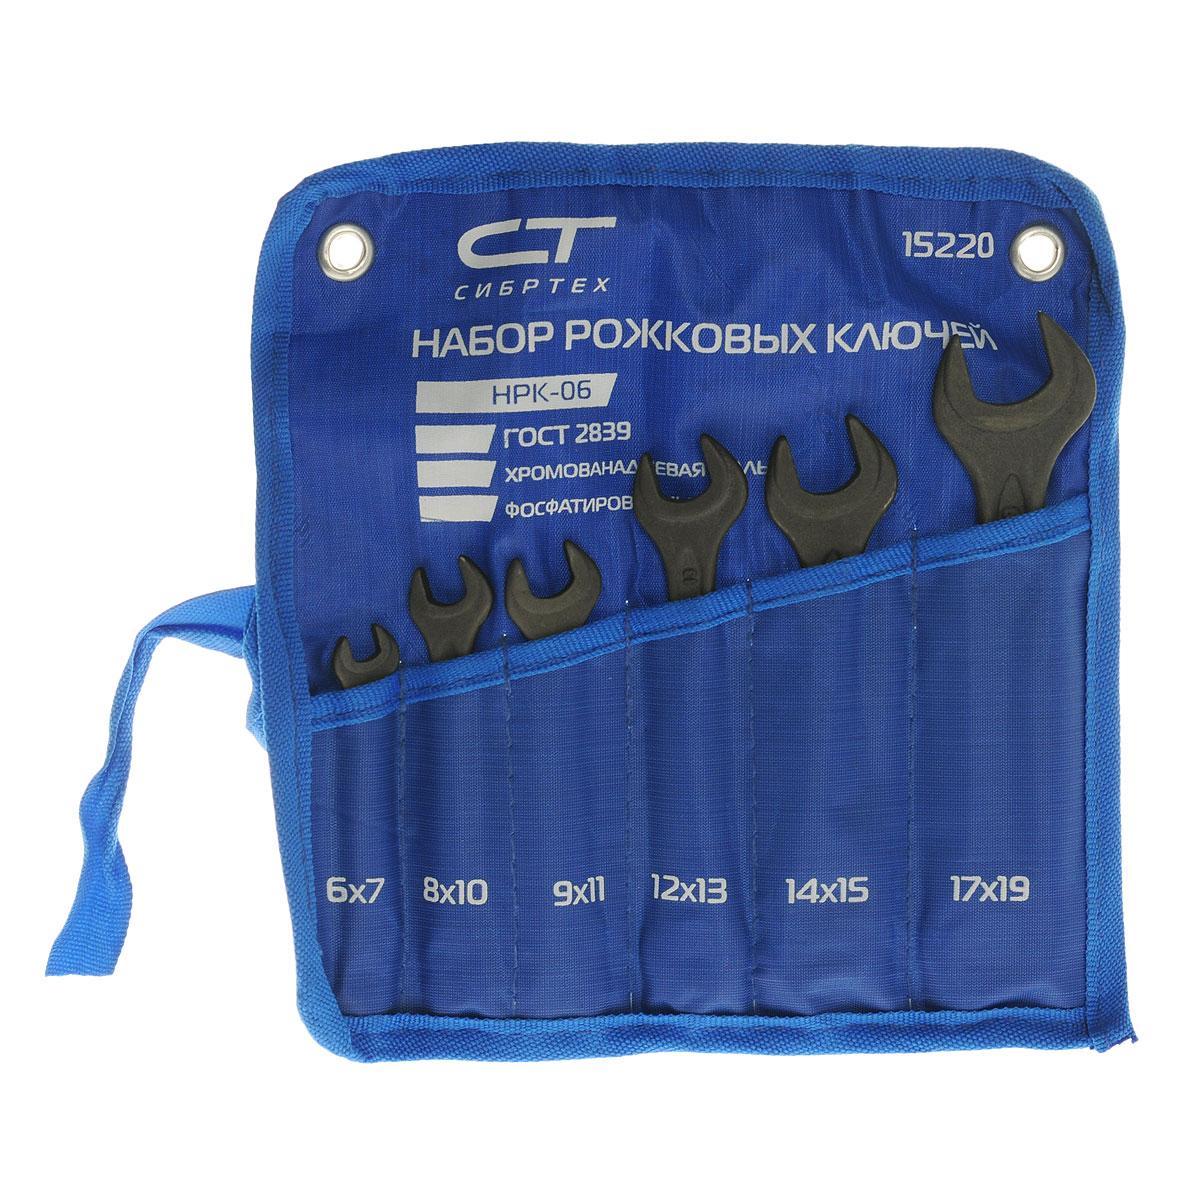 Набор ключей рожковых Сибртех, фосфатированные, 6 шт15220Набор рожковых ключей Сибртех станет отличным помощником монтажнику или владельцу авто. Этот набор обеспечит надежную фиксацию на гранях крепежа. Они изготовлены из хром-ванадиевой стали с фосфатированием. В состав набора входят ключи: 6 х 7 мм, 8 х 10 мм, 9 х 11 мм, 12 х 13 мм, 14 х 15 мм, 17 х 19 мм.